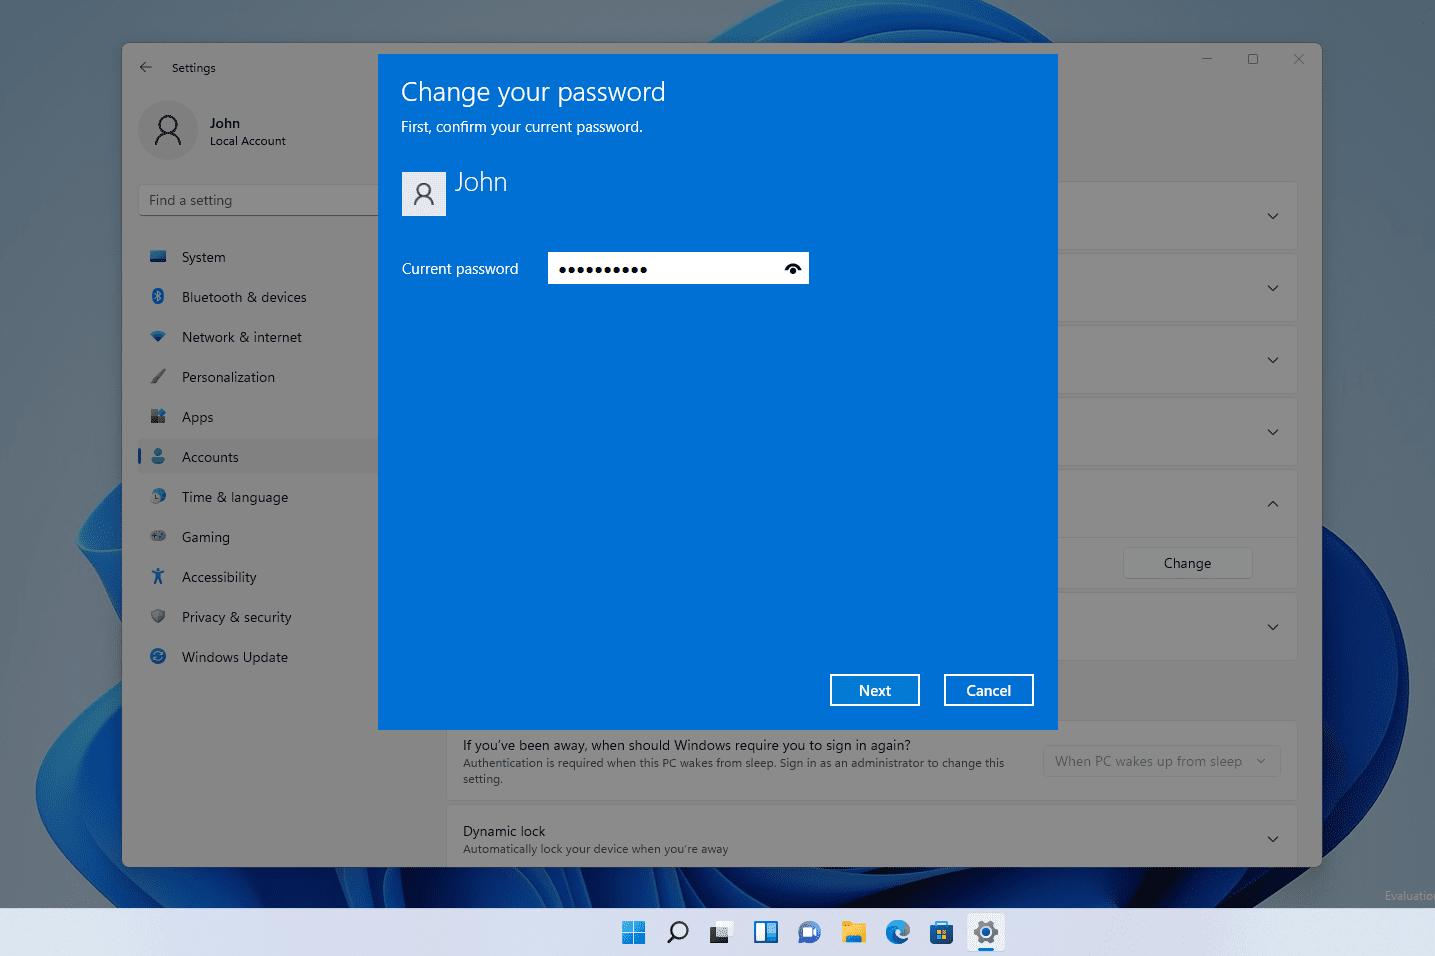 Windows 11 change your password screen